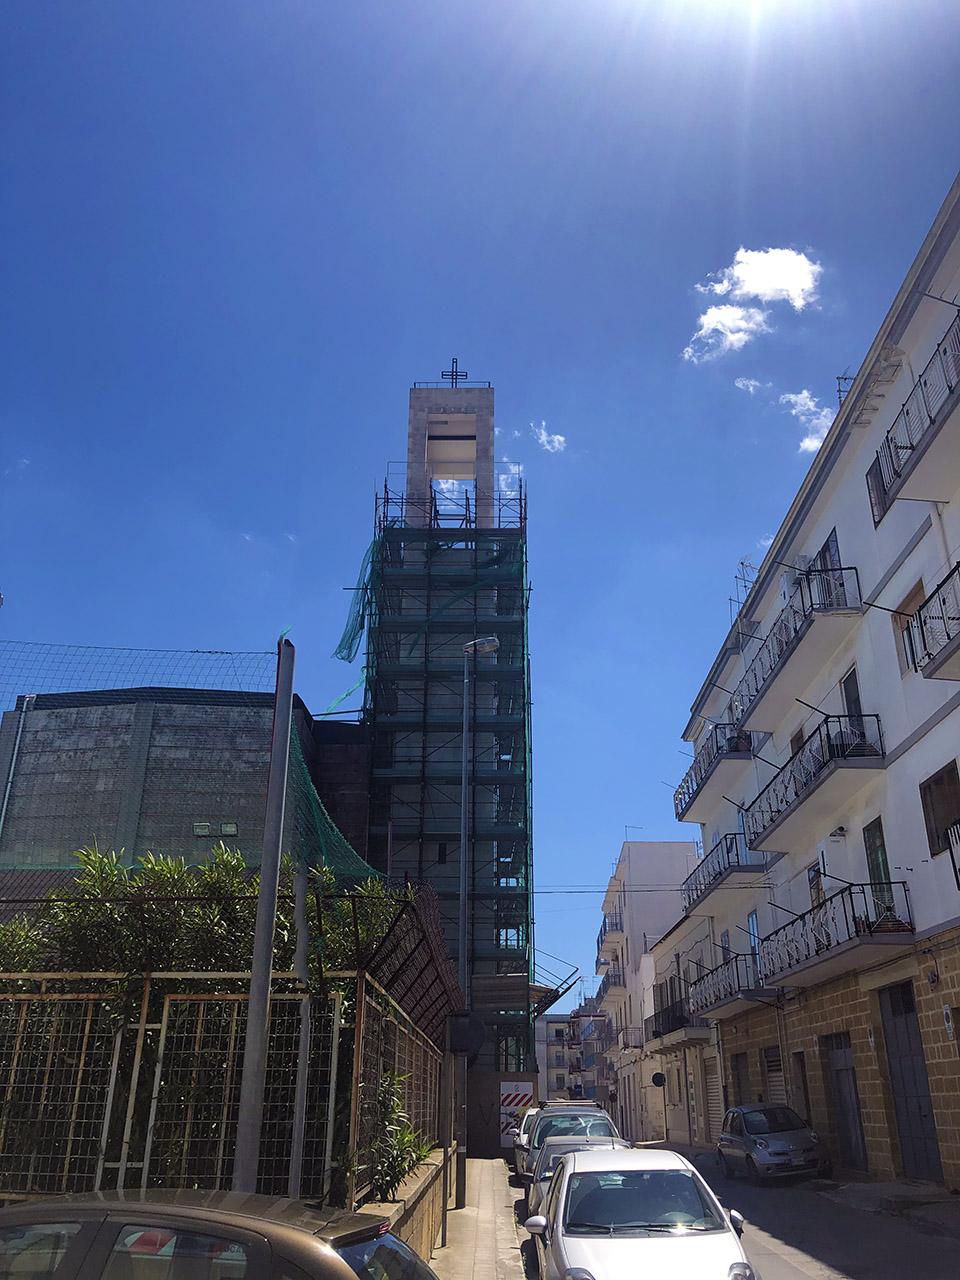 costruzioni restauri sirio ostuni campanile chiesa santuario santi medici cosma damiano ostuni img 0863 1